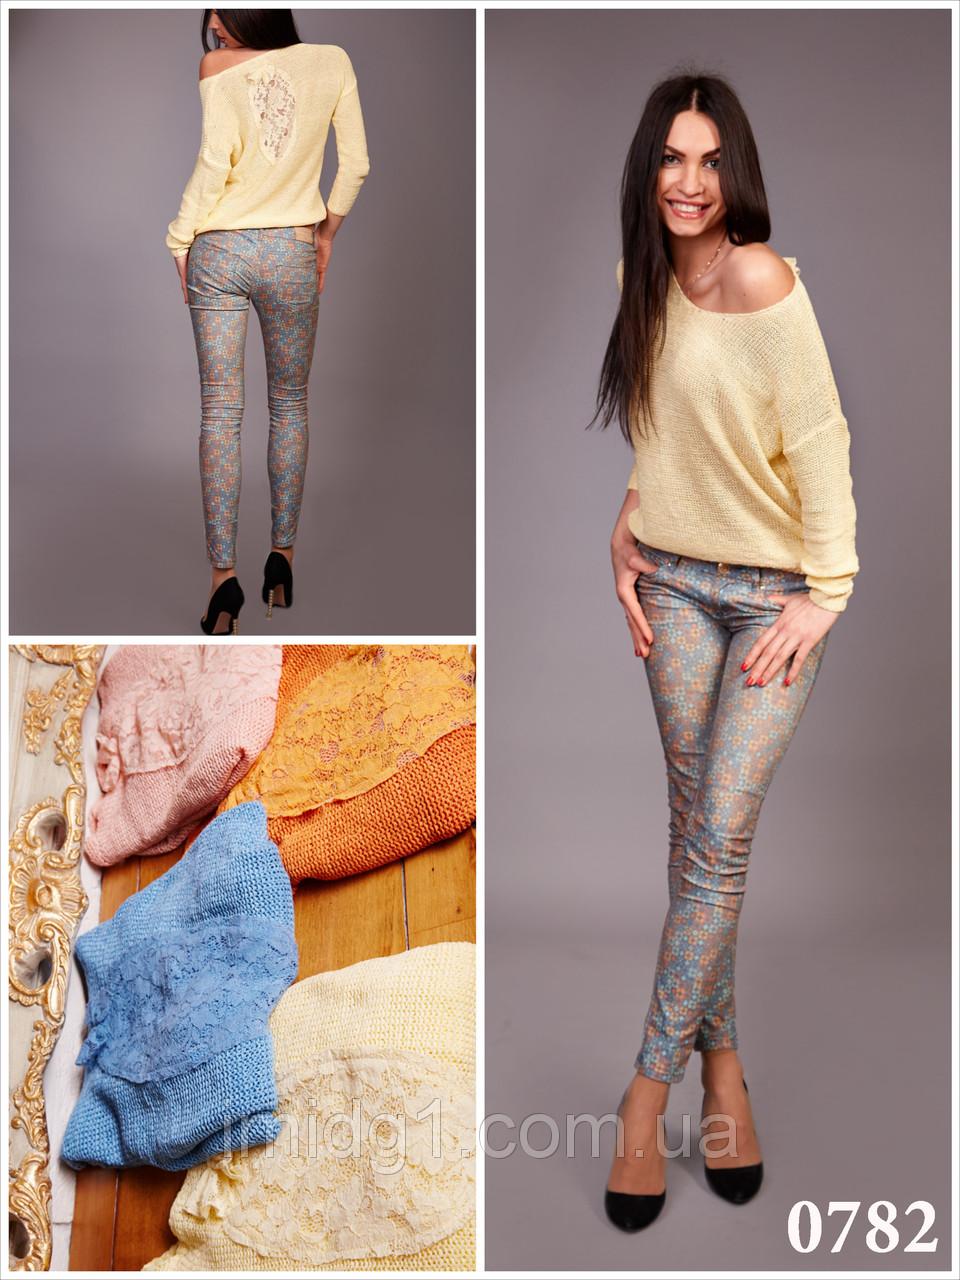 Модная молодежная кофта Днепропетровск - Фотогалерея стильной одежды ... 34267b2e9b8a0